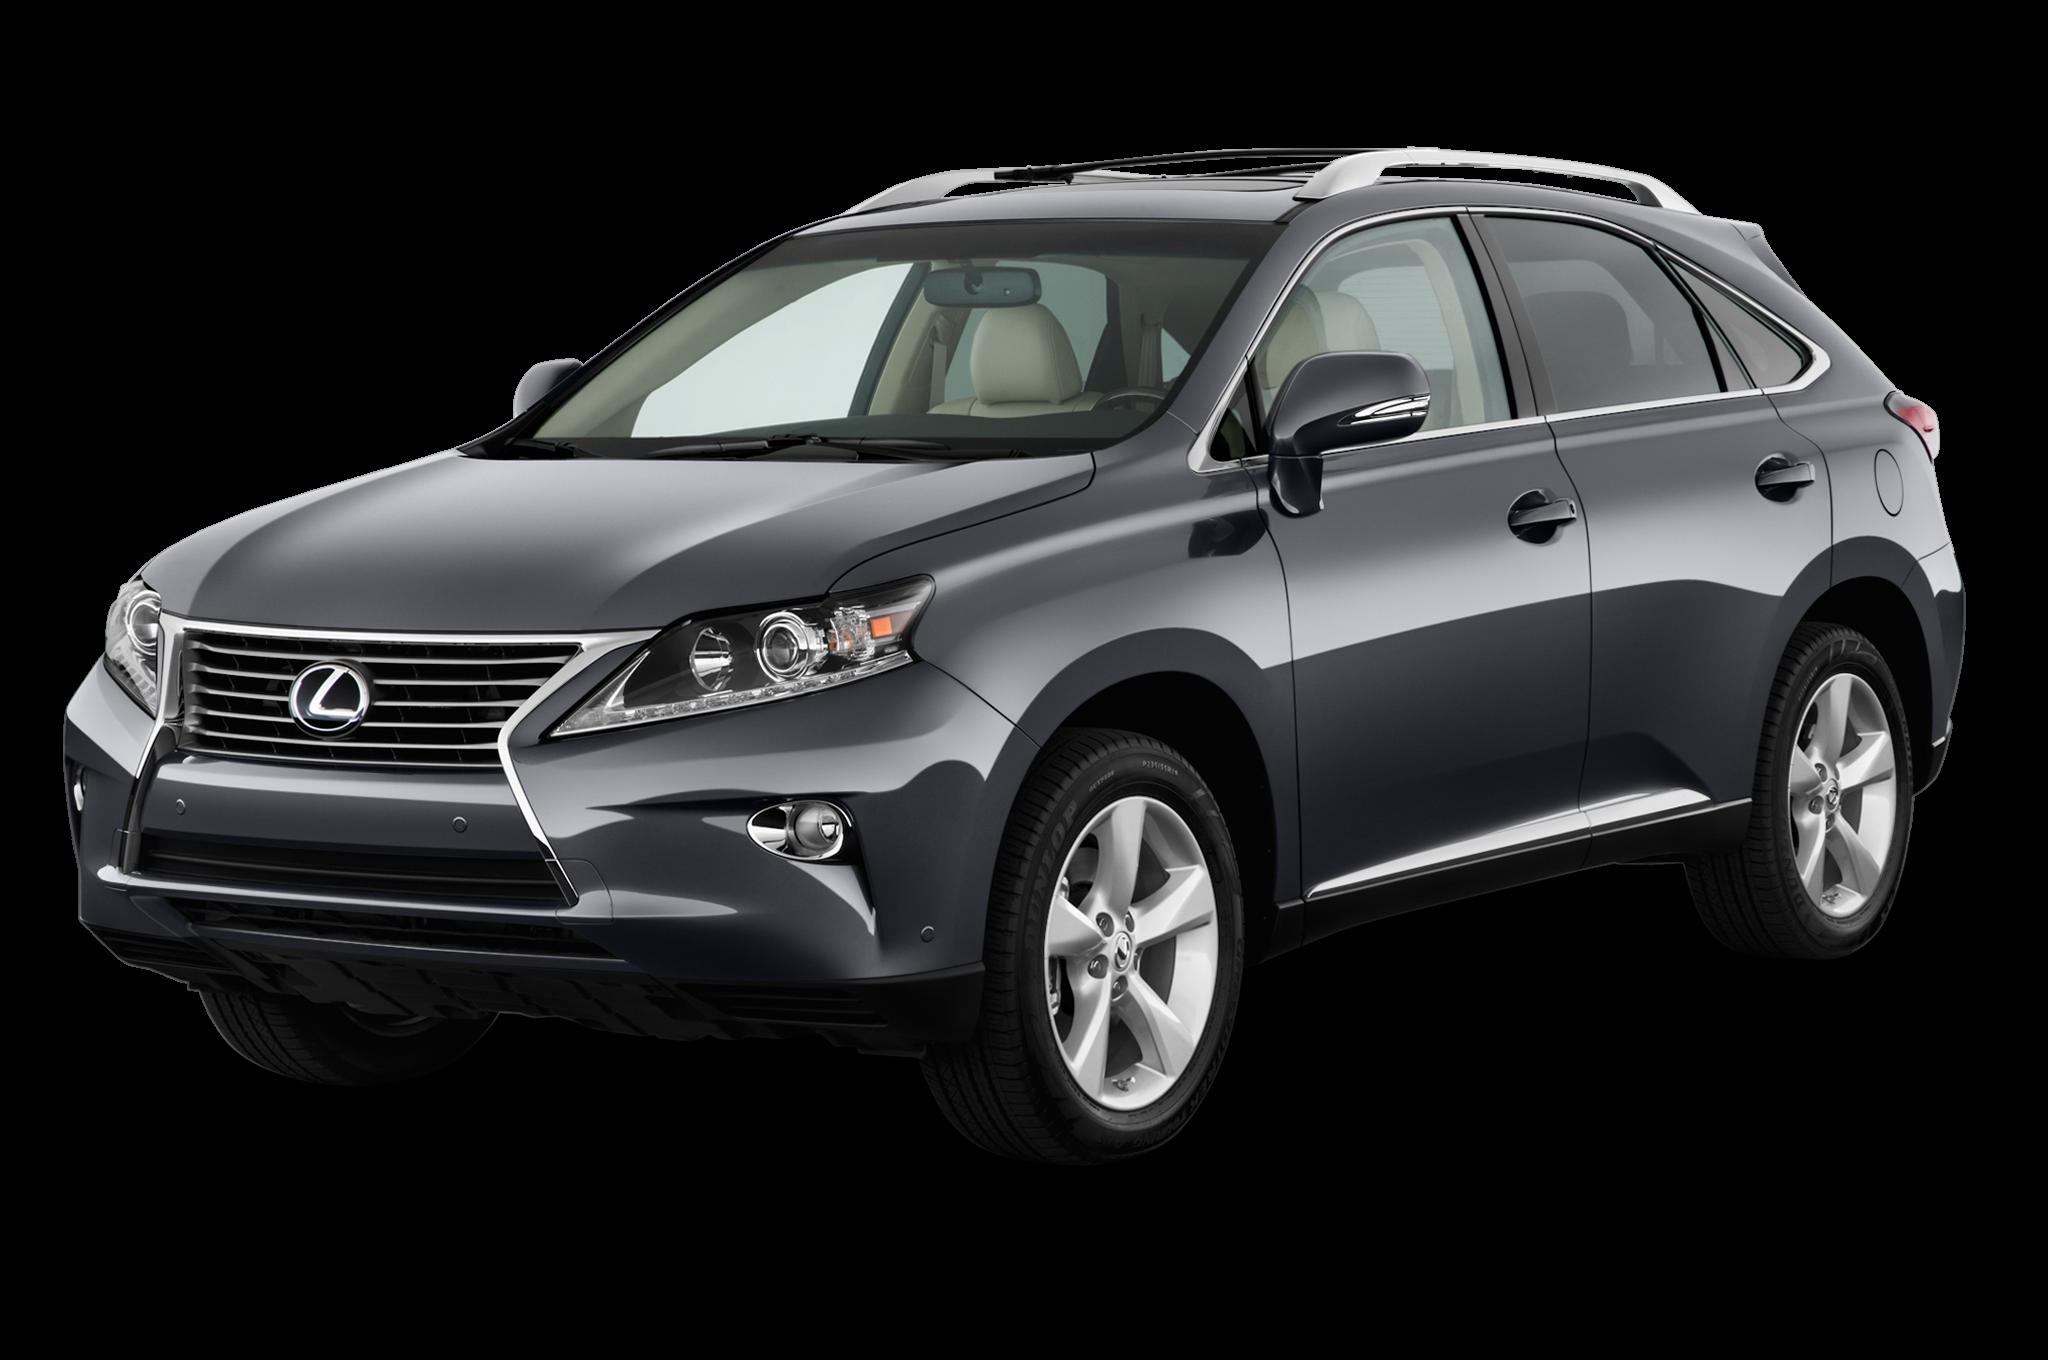 classified story chicago automotive lexus chi auto rx hybrid review r tribune